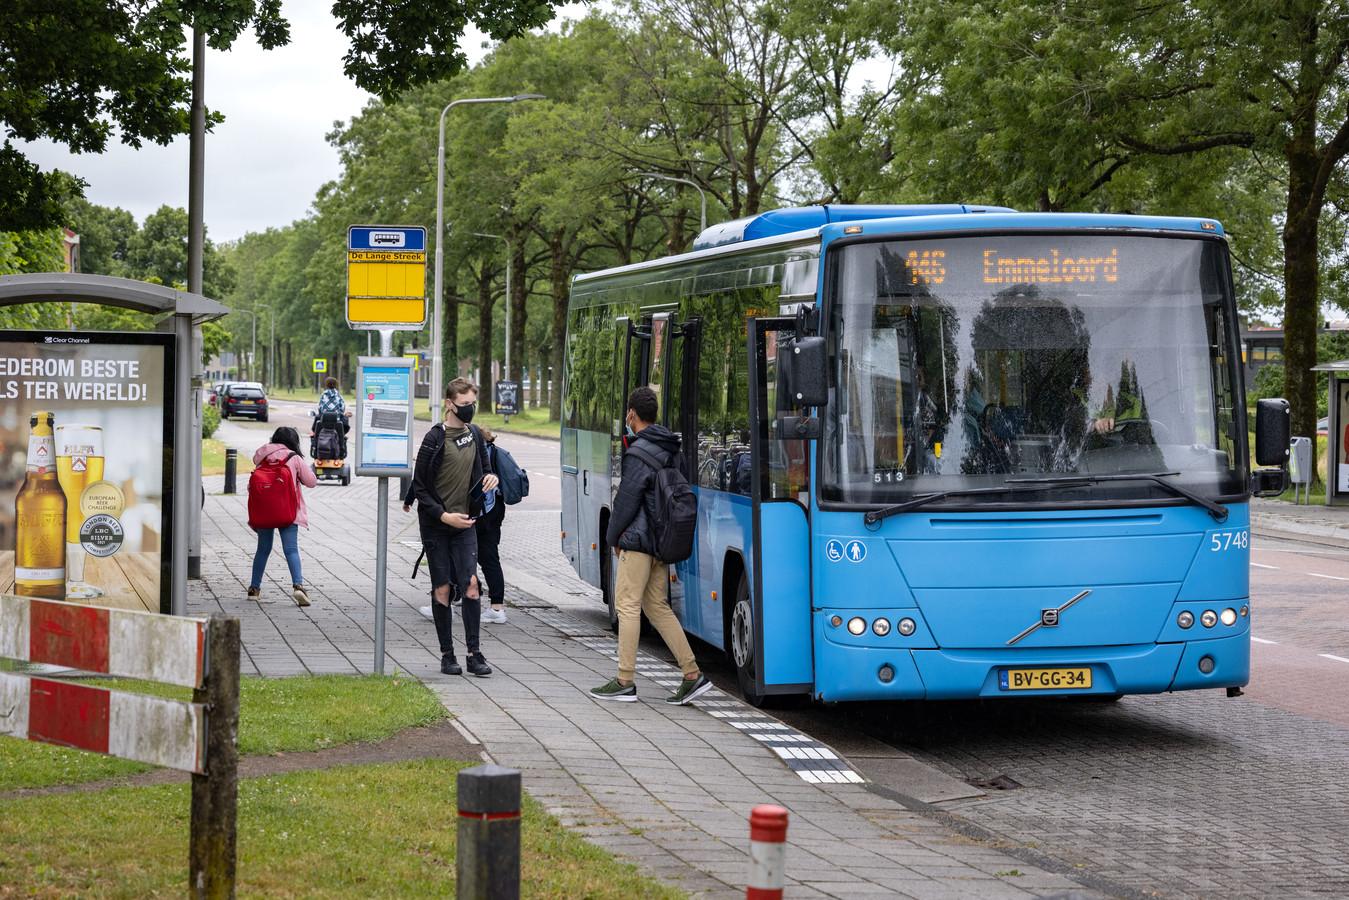 Buslijn 146 rijdt nu tussen Dronten, Swifterbant en Emmeloord, maar rijdt in de nieuwe dienstregeling van volgend jaar mogelijk alleen nog volgens een vakantiedienstregeling. Vier andere buslijnen in de gemeente Dronten worden mogelijk helemaal geschrapt.